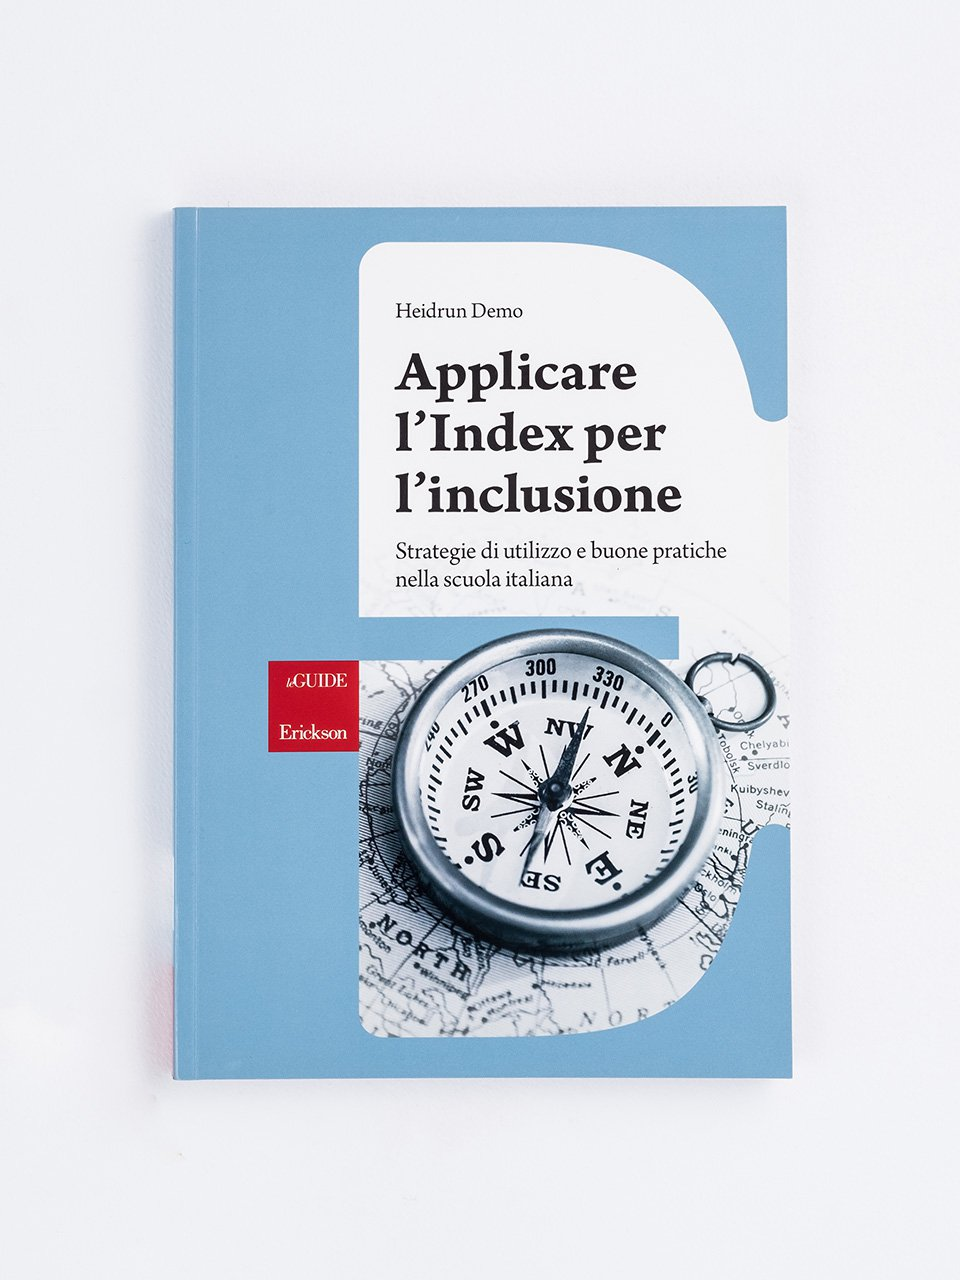 Applicare l'Index per l'inclusione - La valutazione inclusiva - Formazione - Erickson